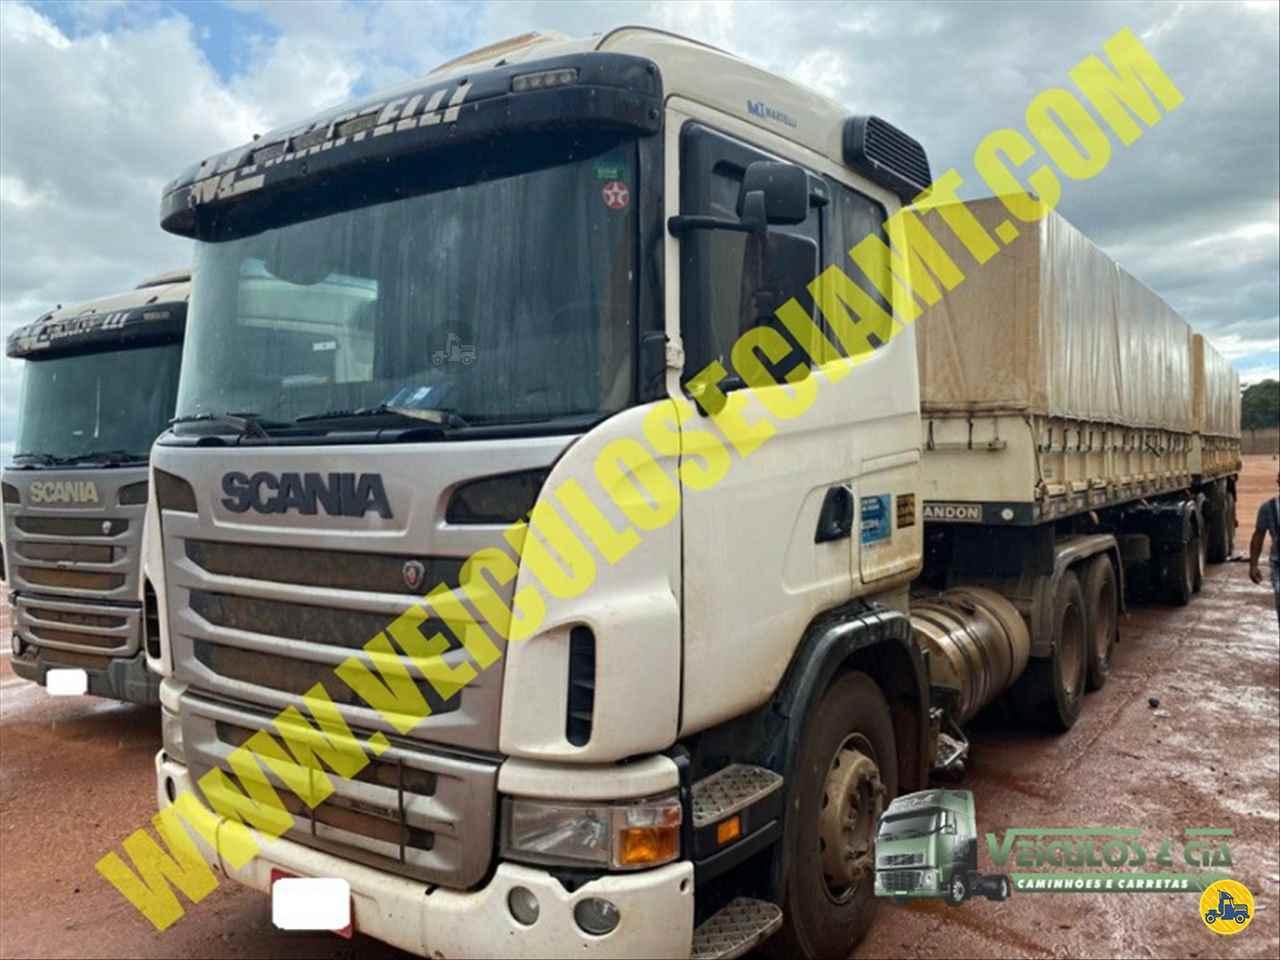 CAMINHAO SCANIA SCANIA 420 Cavalo Mecânico Truck 6x2 Veículos e Cia JACIARA MATO GROSSO MT